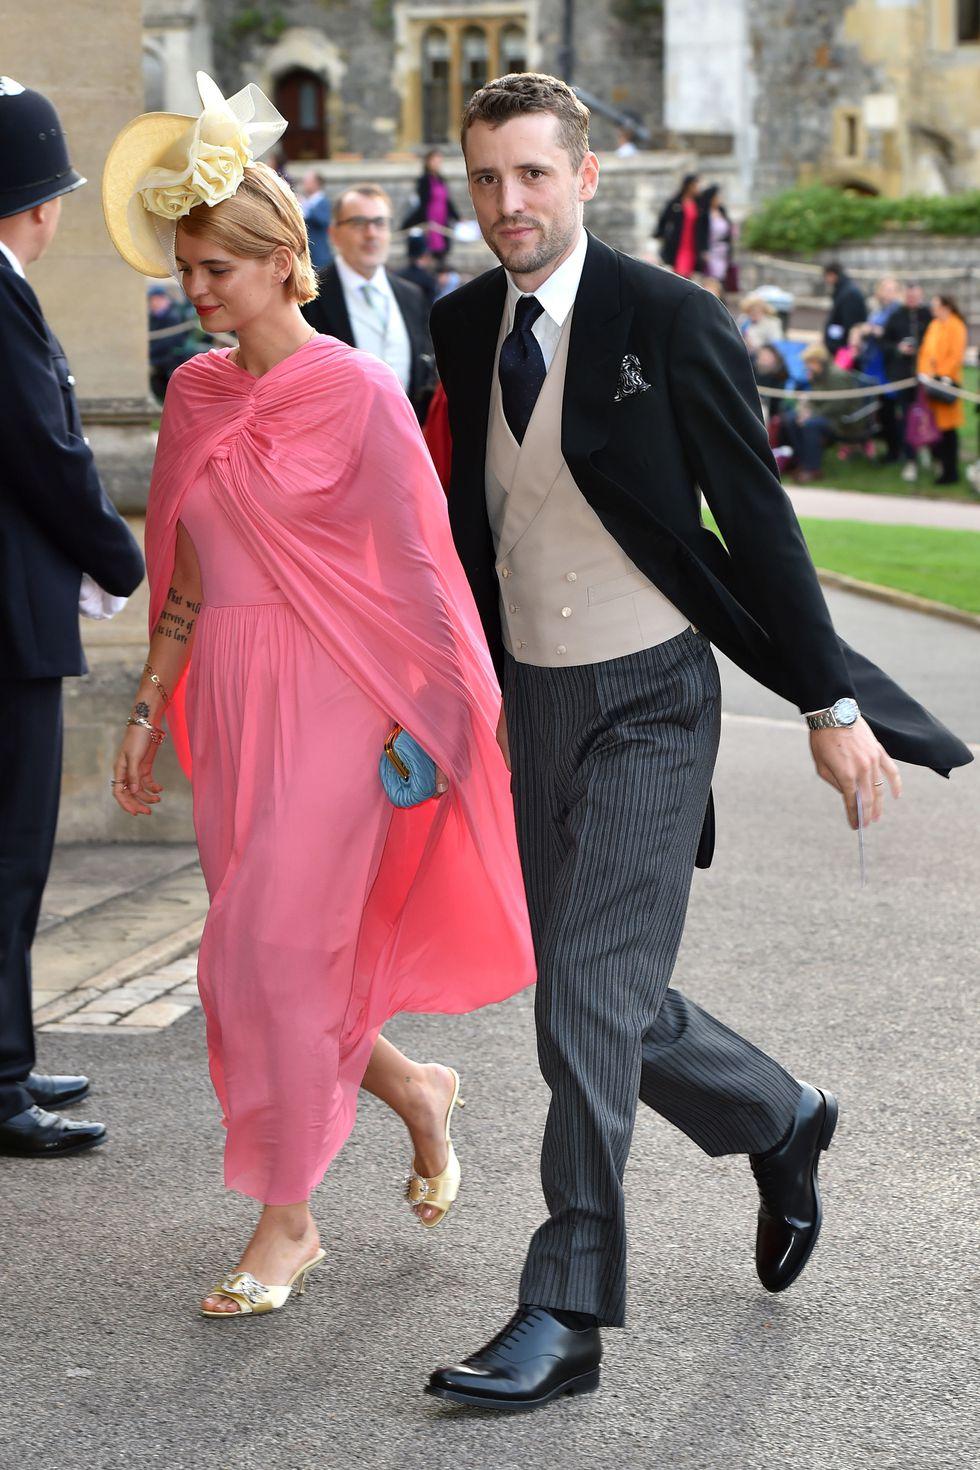 princess-eugenie-wedding-guest-arrivals-pixie-geldof-1051949416